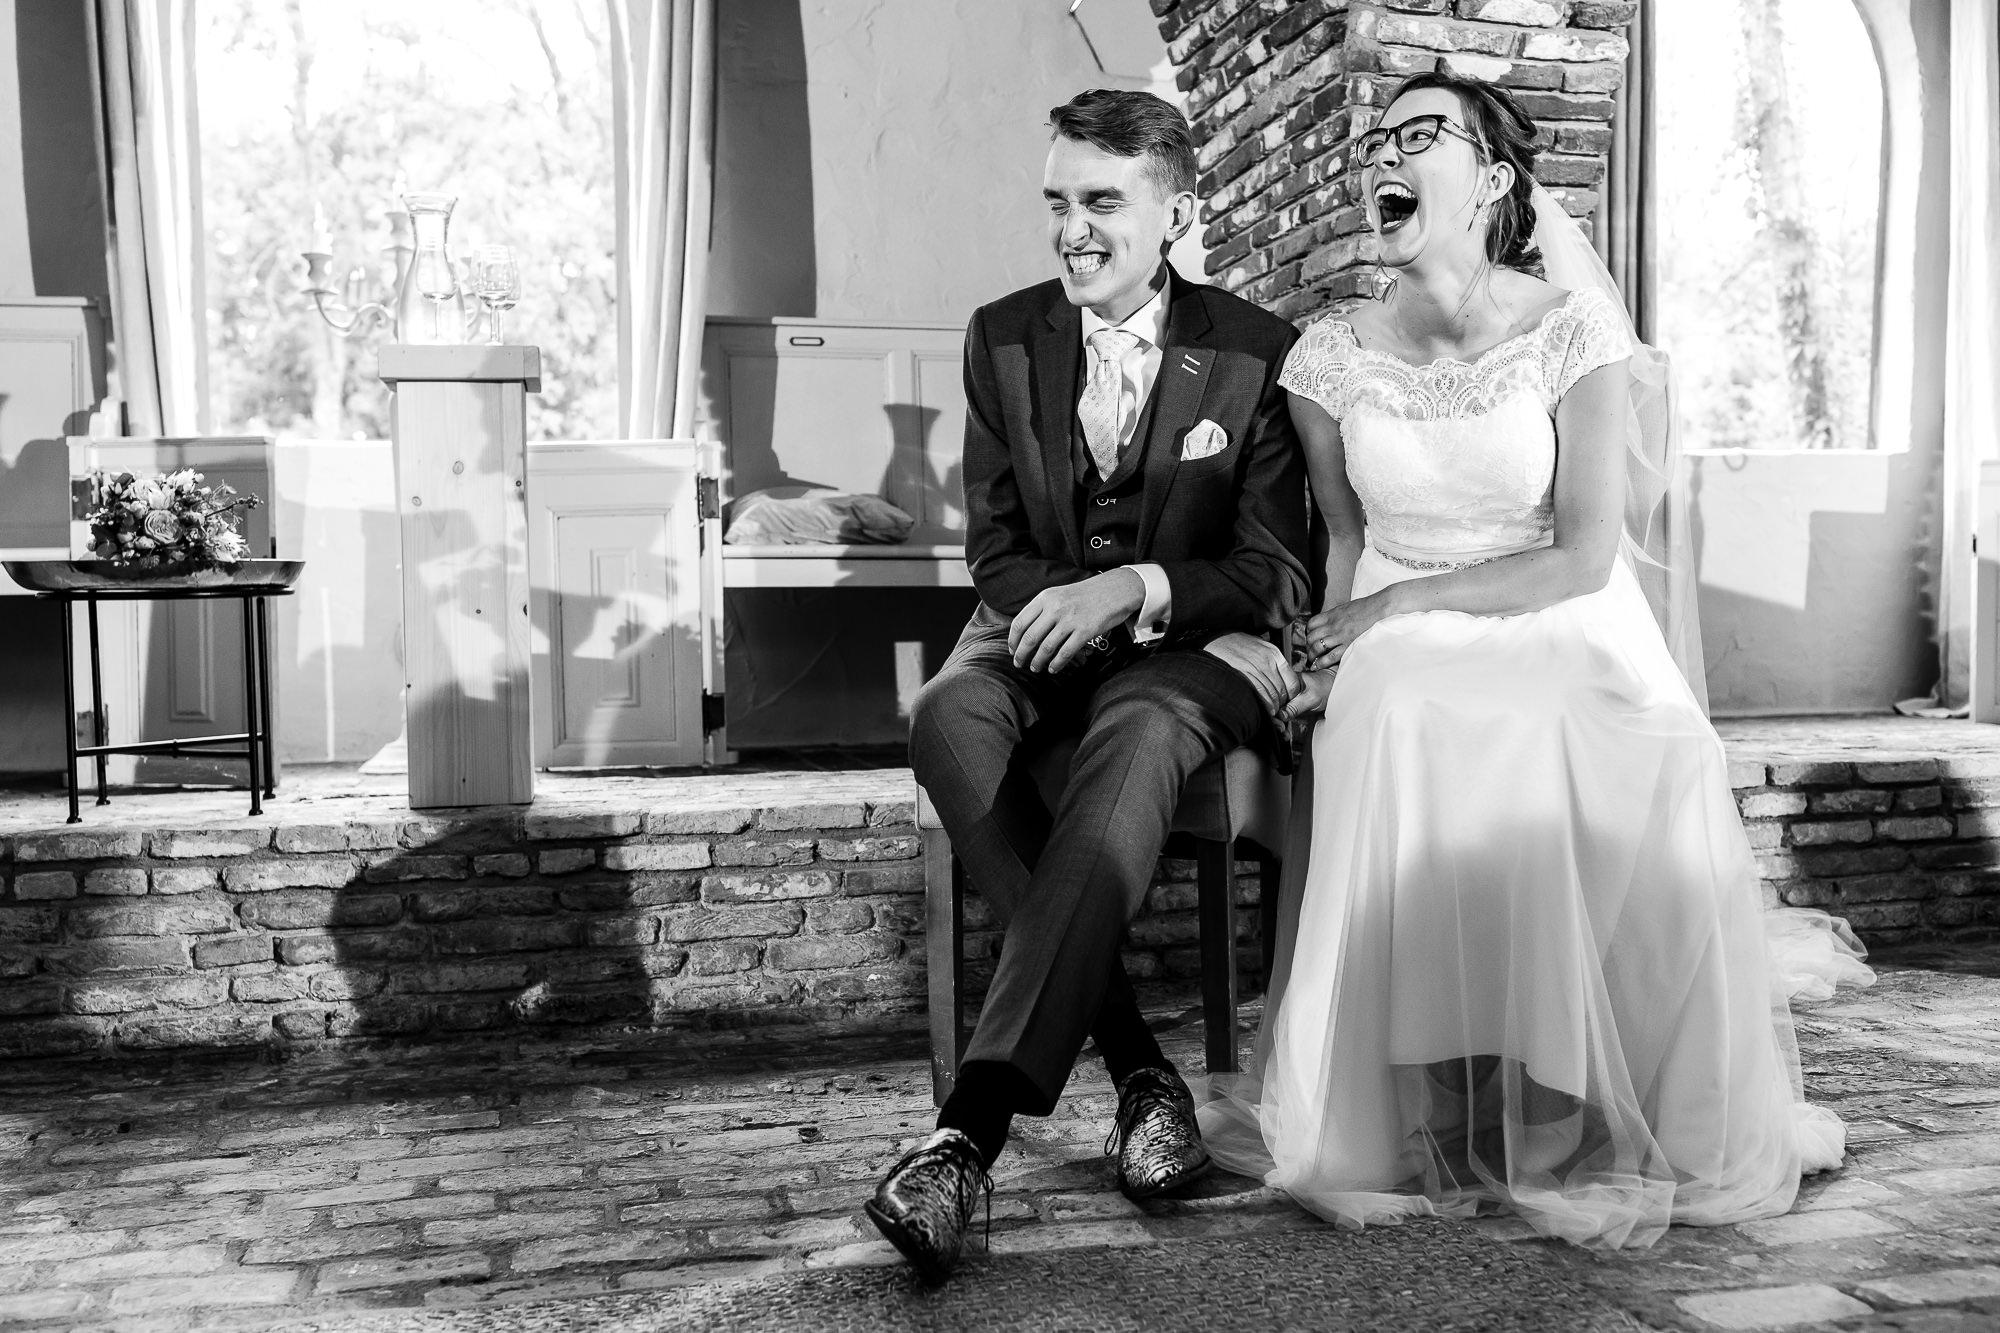 Bruidspaar lacht uitbundig tijdens de ceremonie